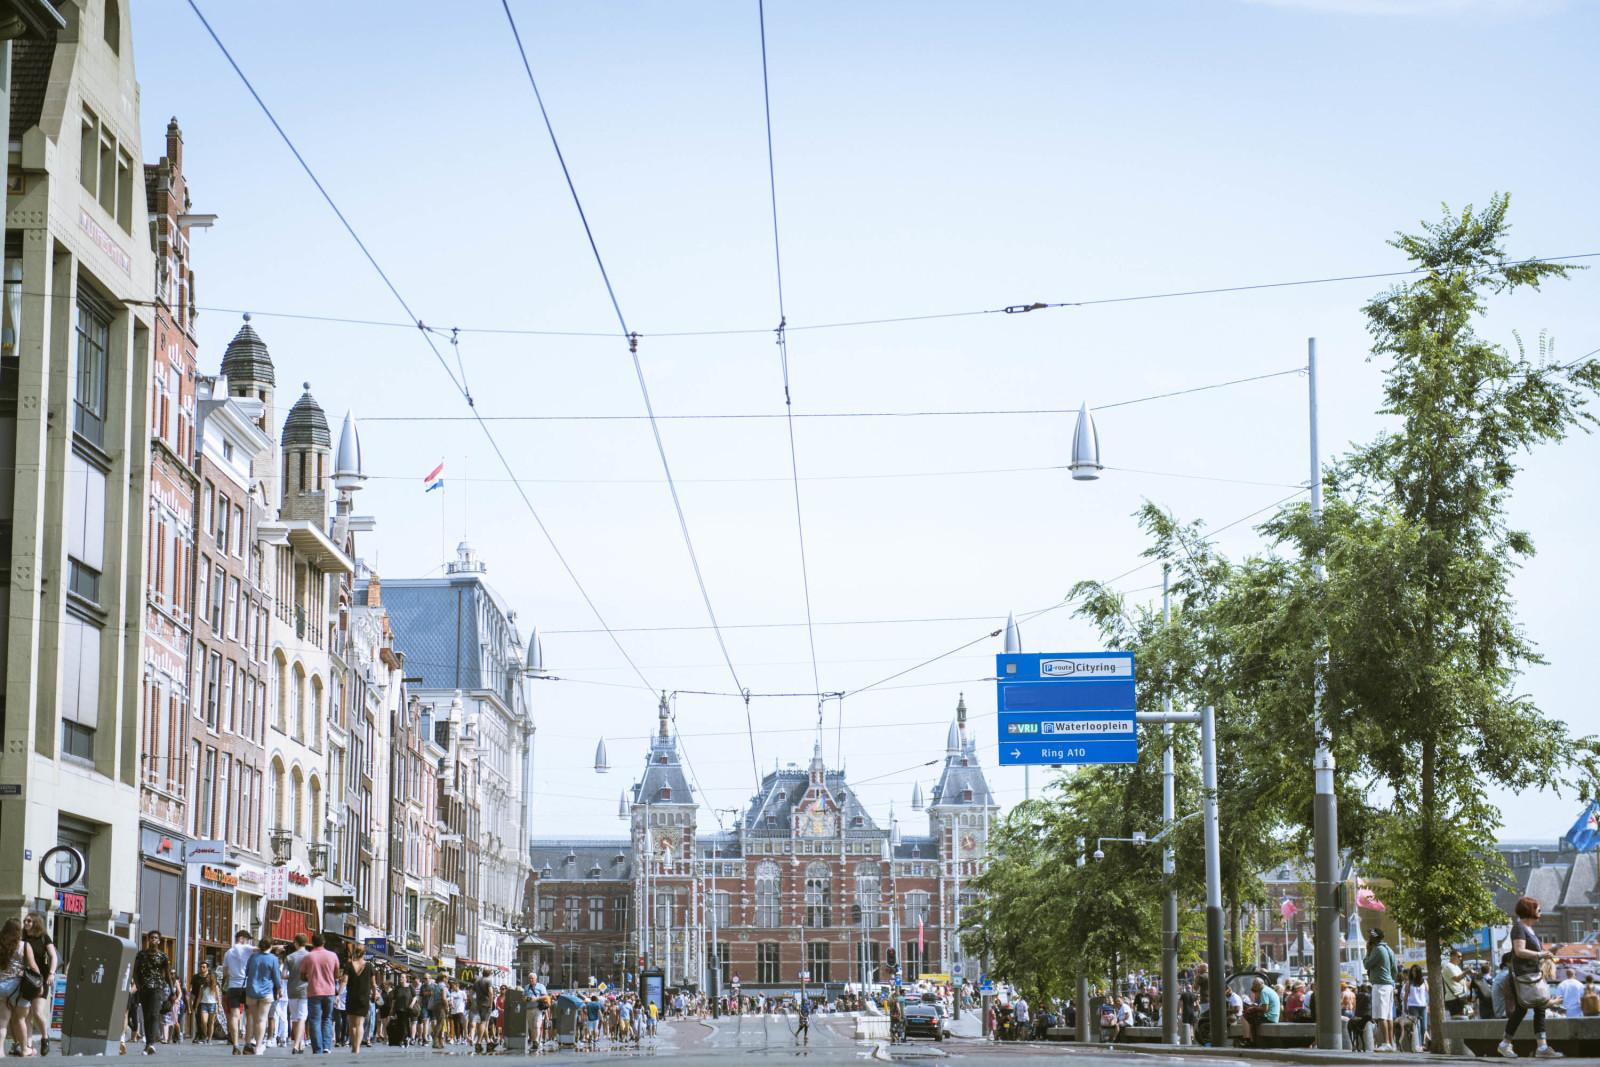 アムステルダム観光の拠点となる中央駅周辺。人が集まるエリアだが、屋外広告はほとんどない。